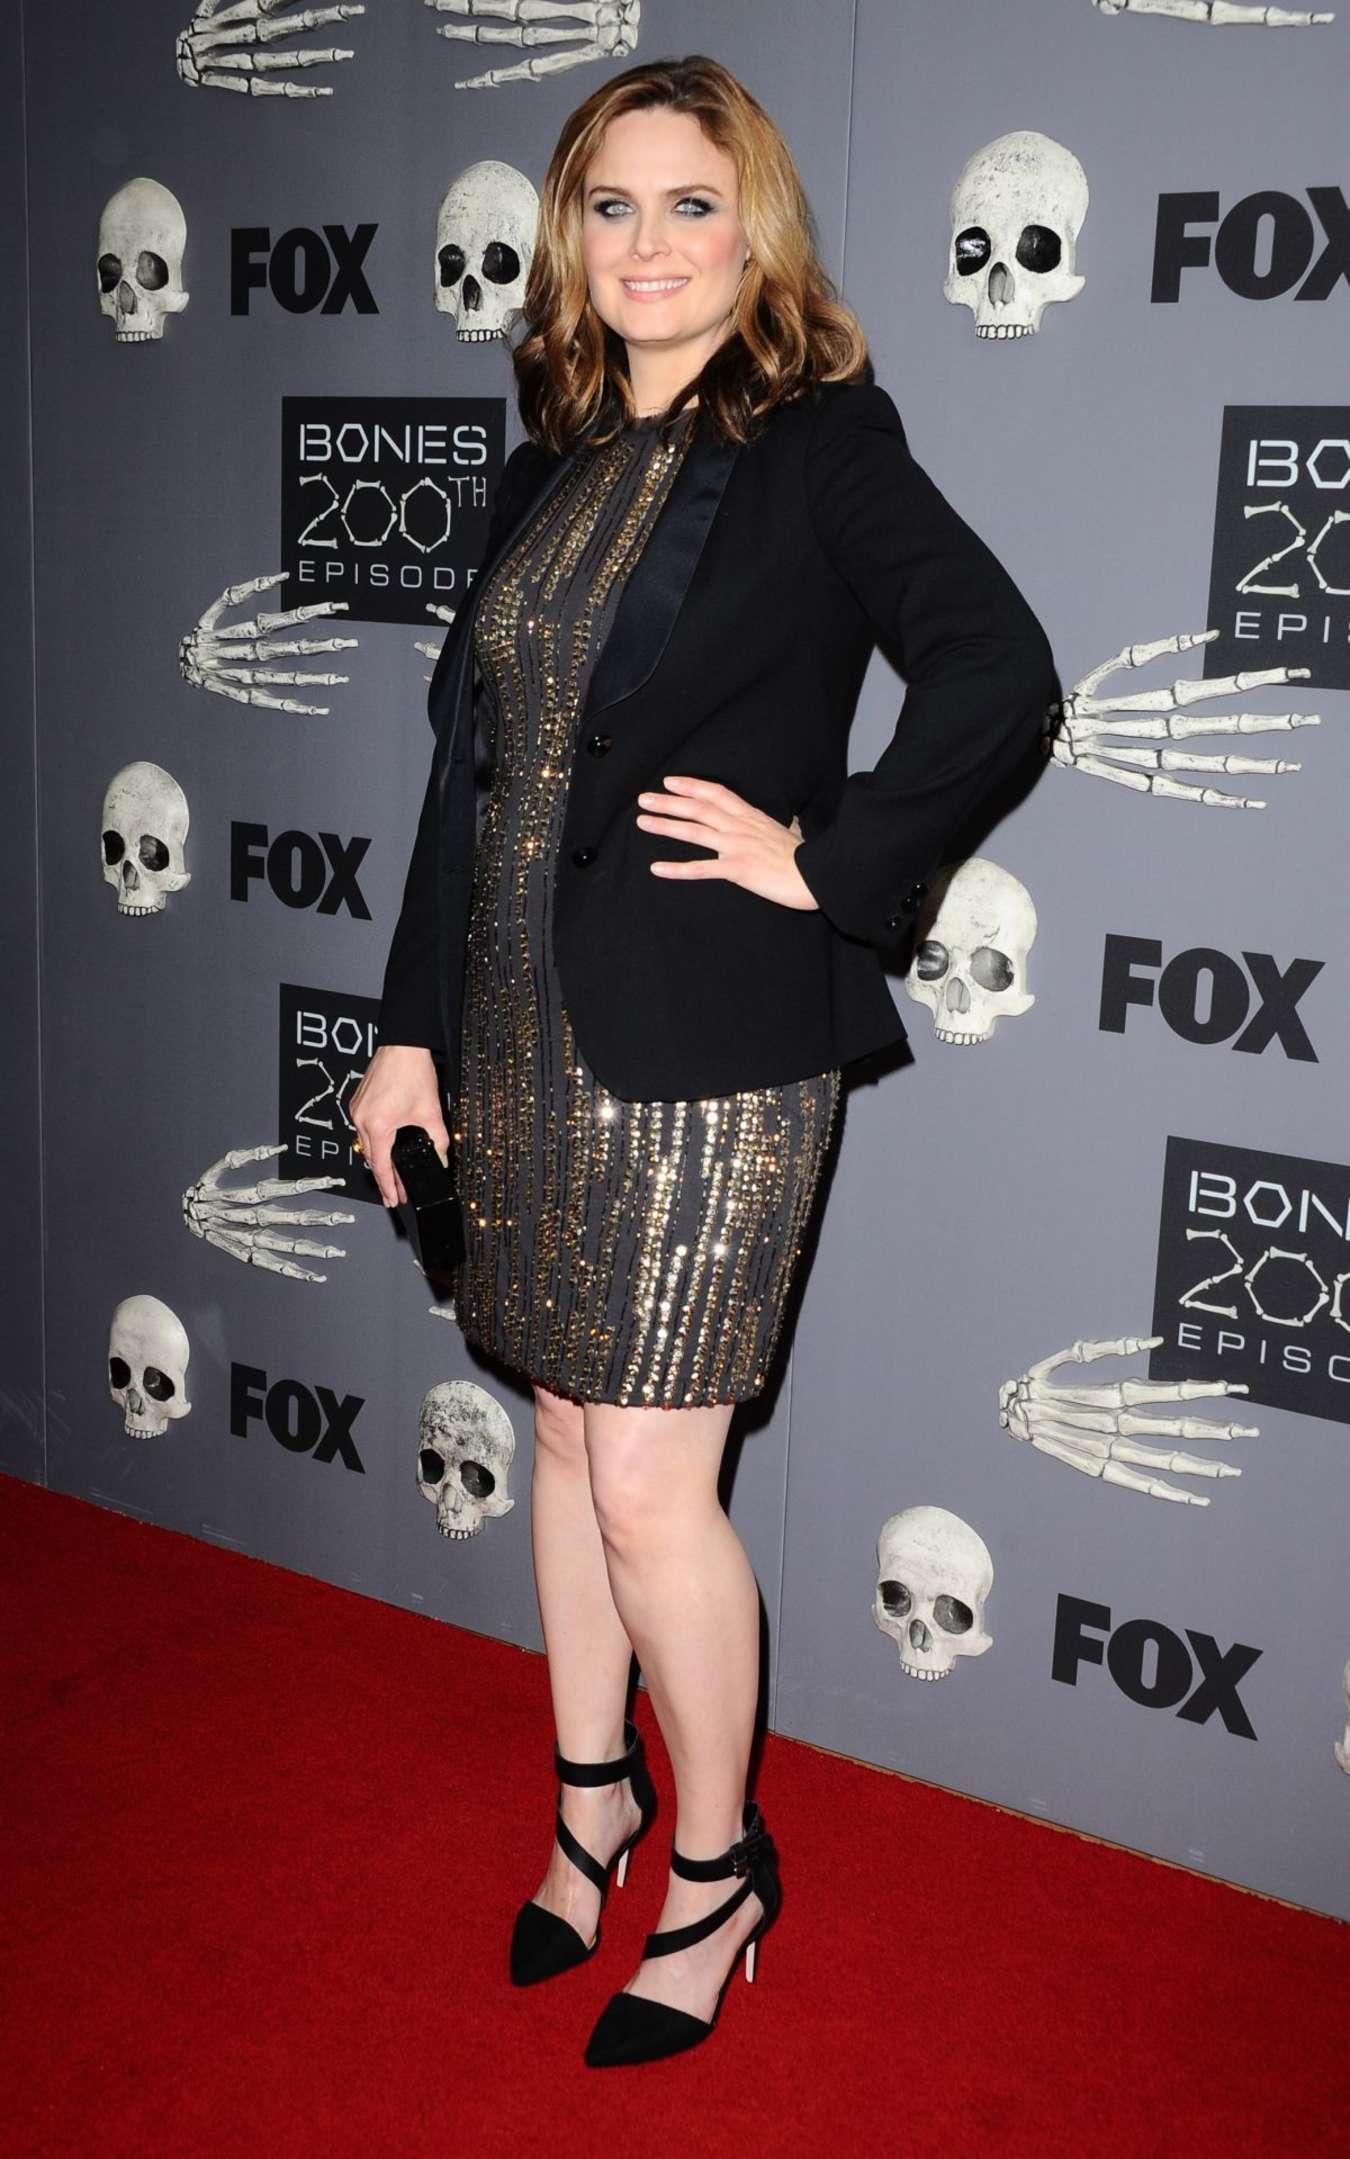 Emily Deschanel Bones Episode Celebration in West Hollywood